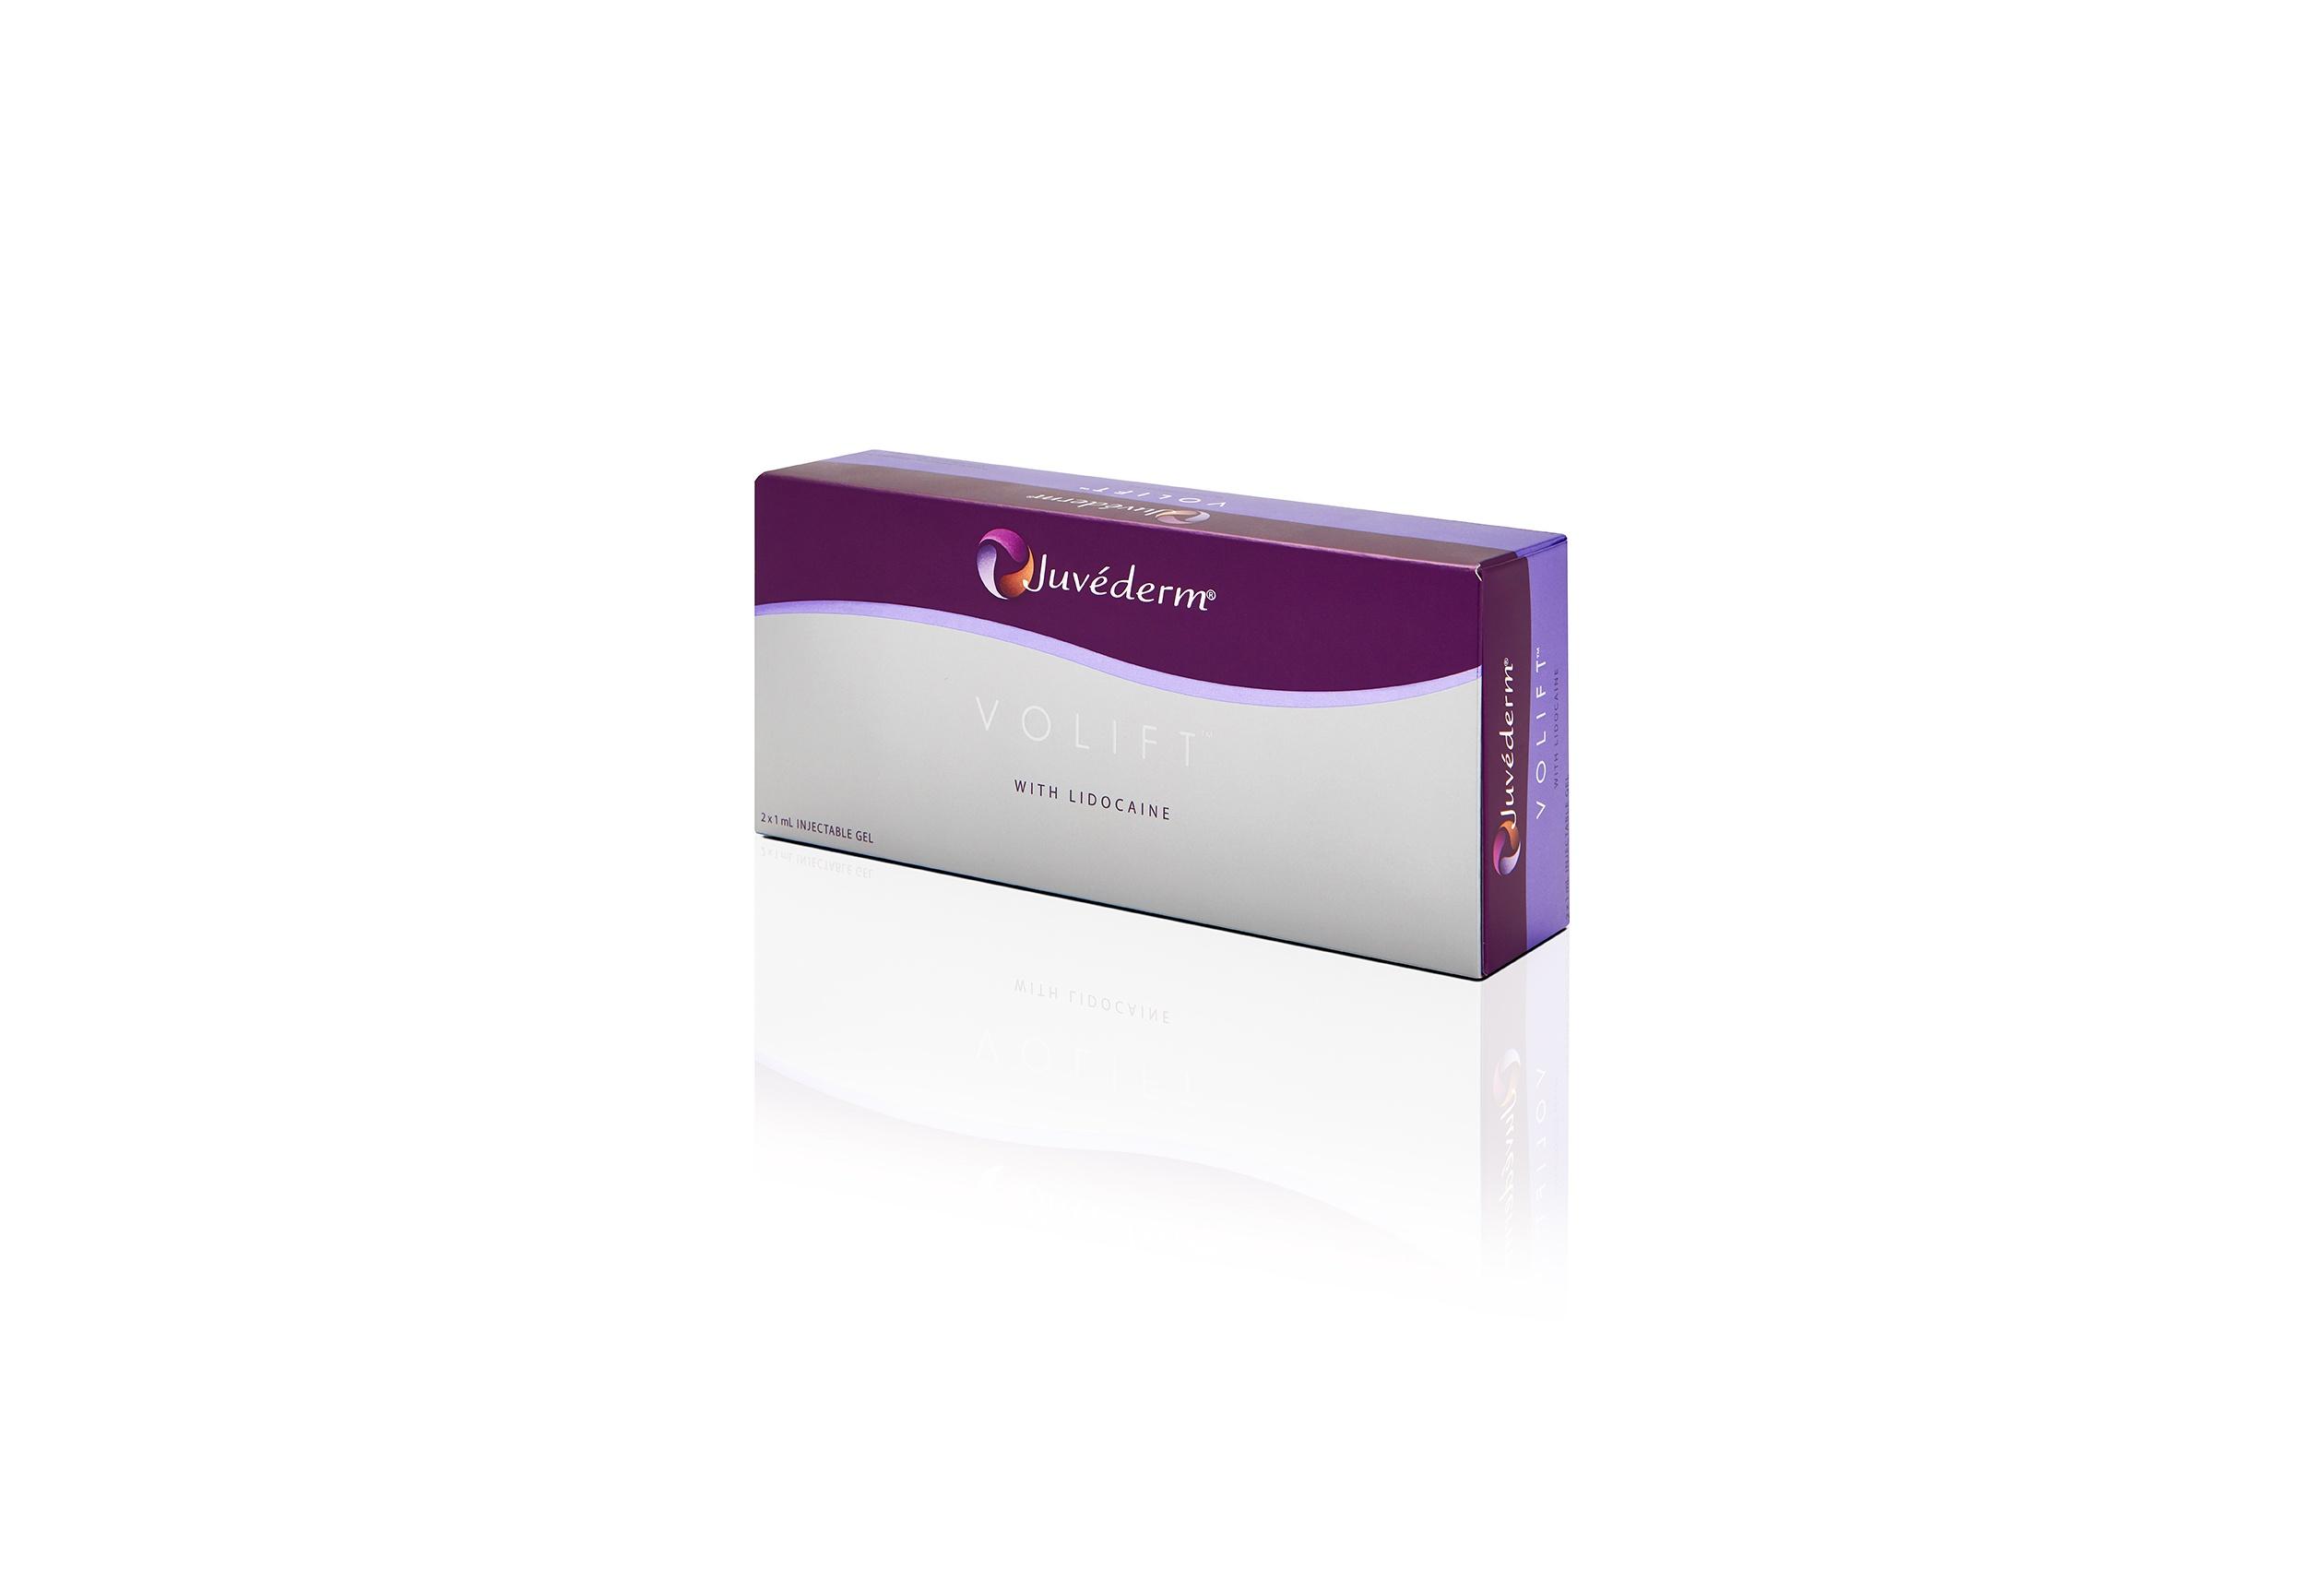 Juvederm Volift + Lidocaine (2x1ml)